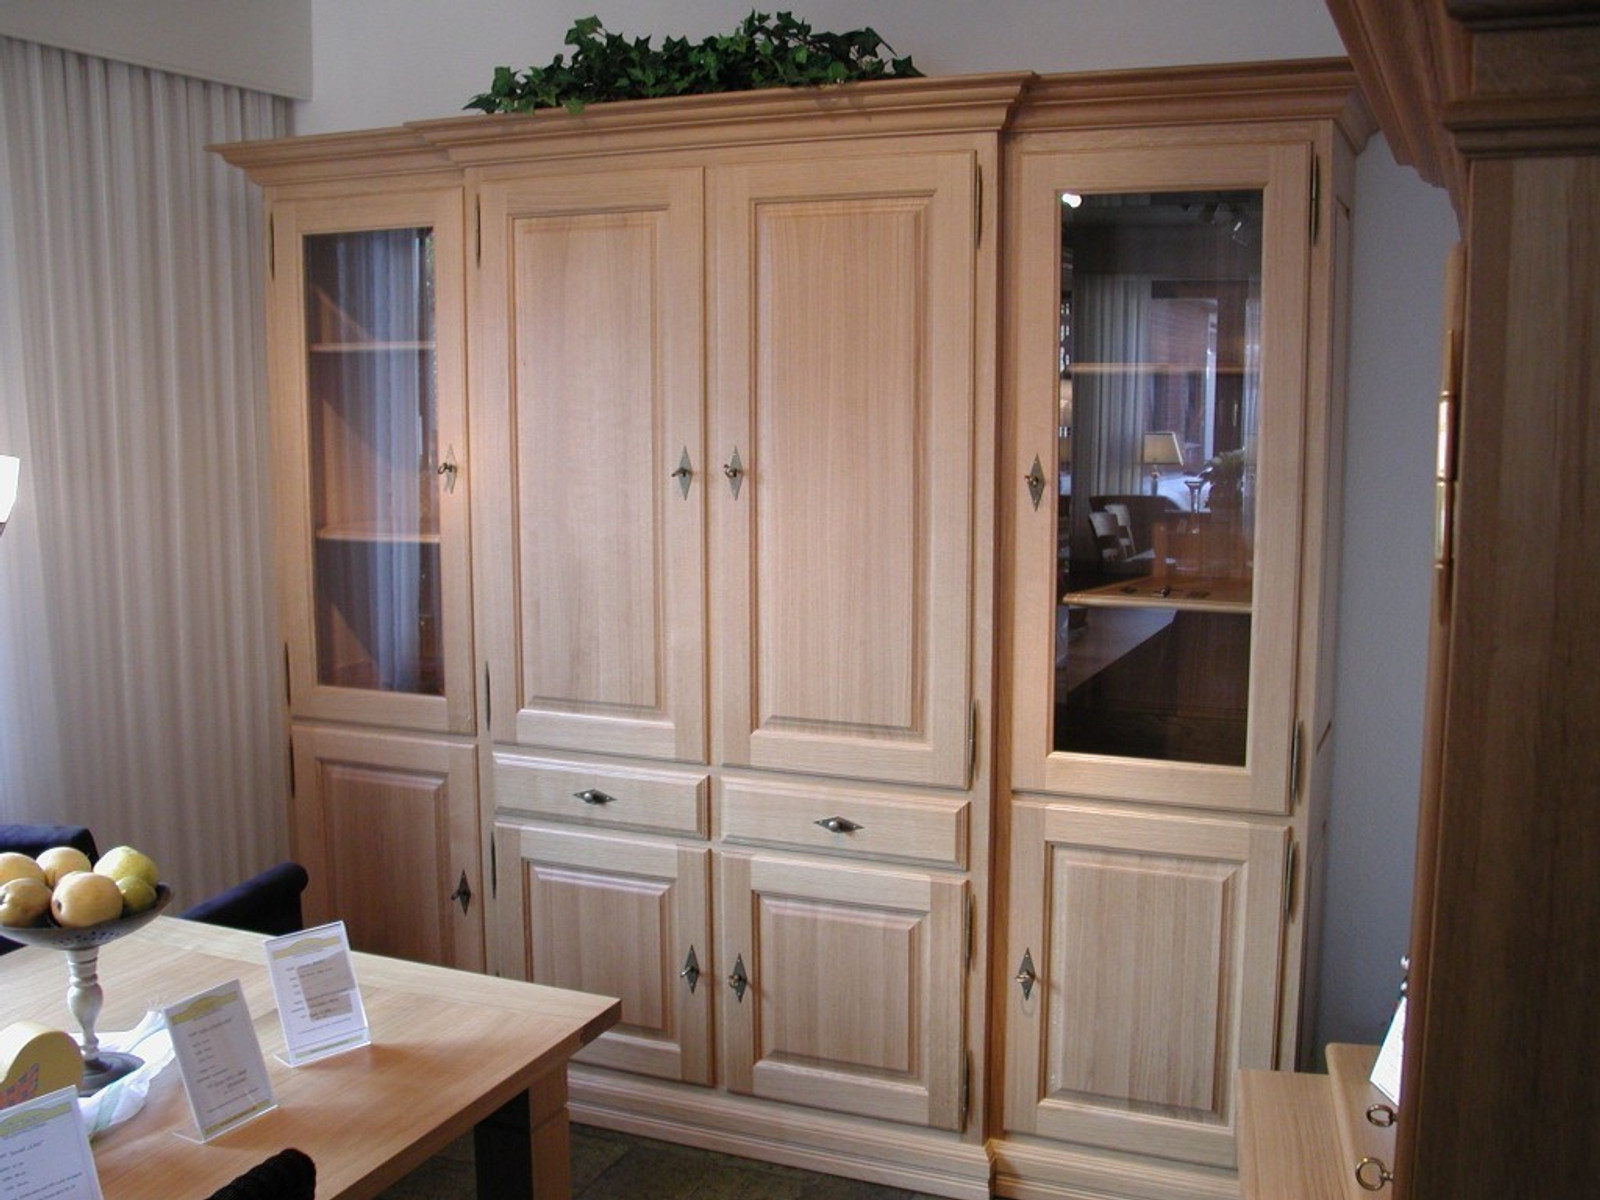 Schrank Wohnzimmer Norden 4 Turig Glasturen Aussen Im Landhaus Stil